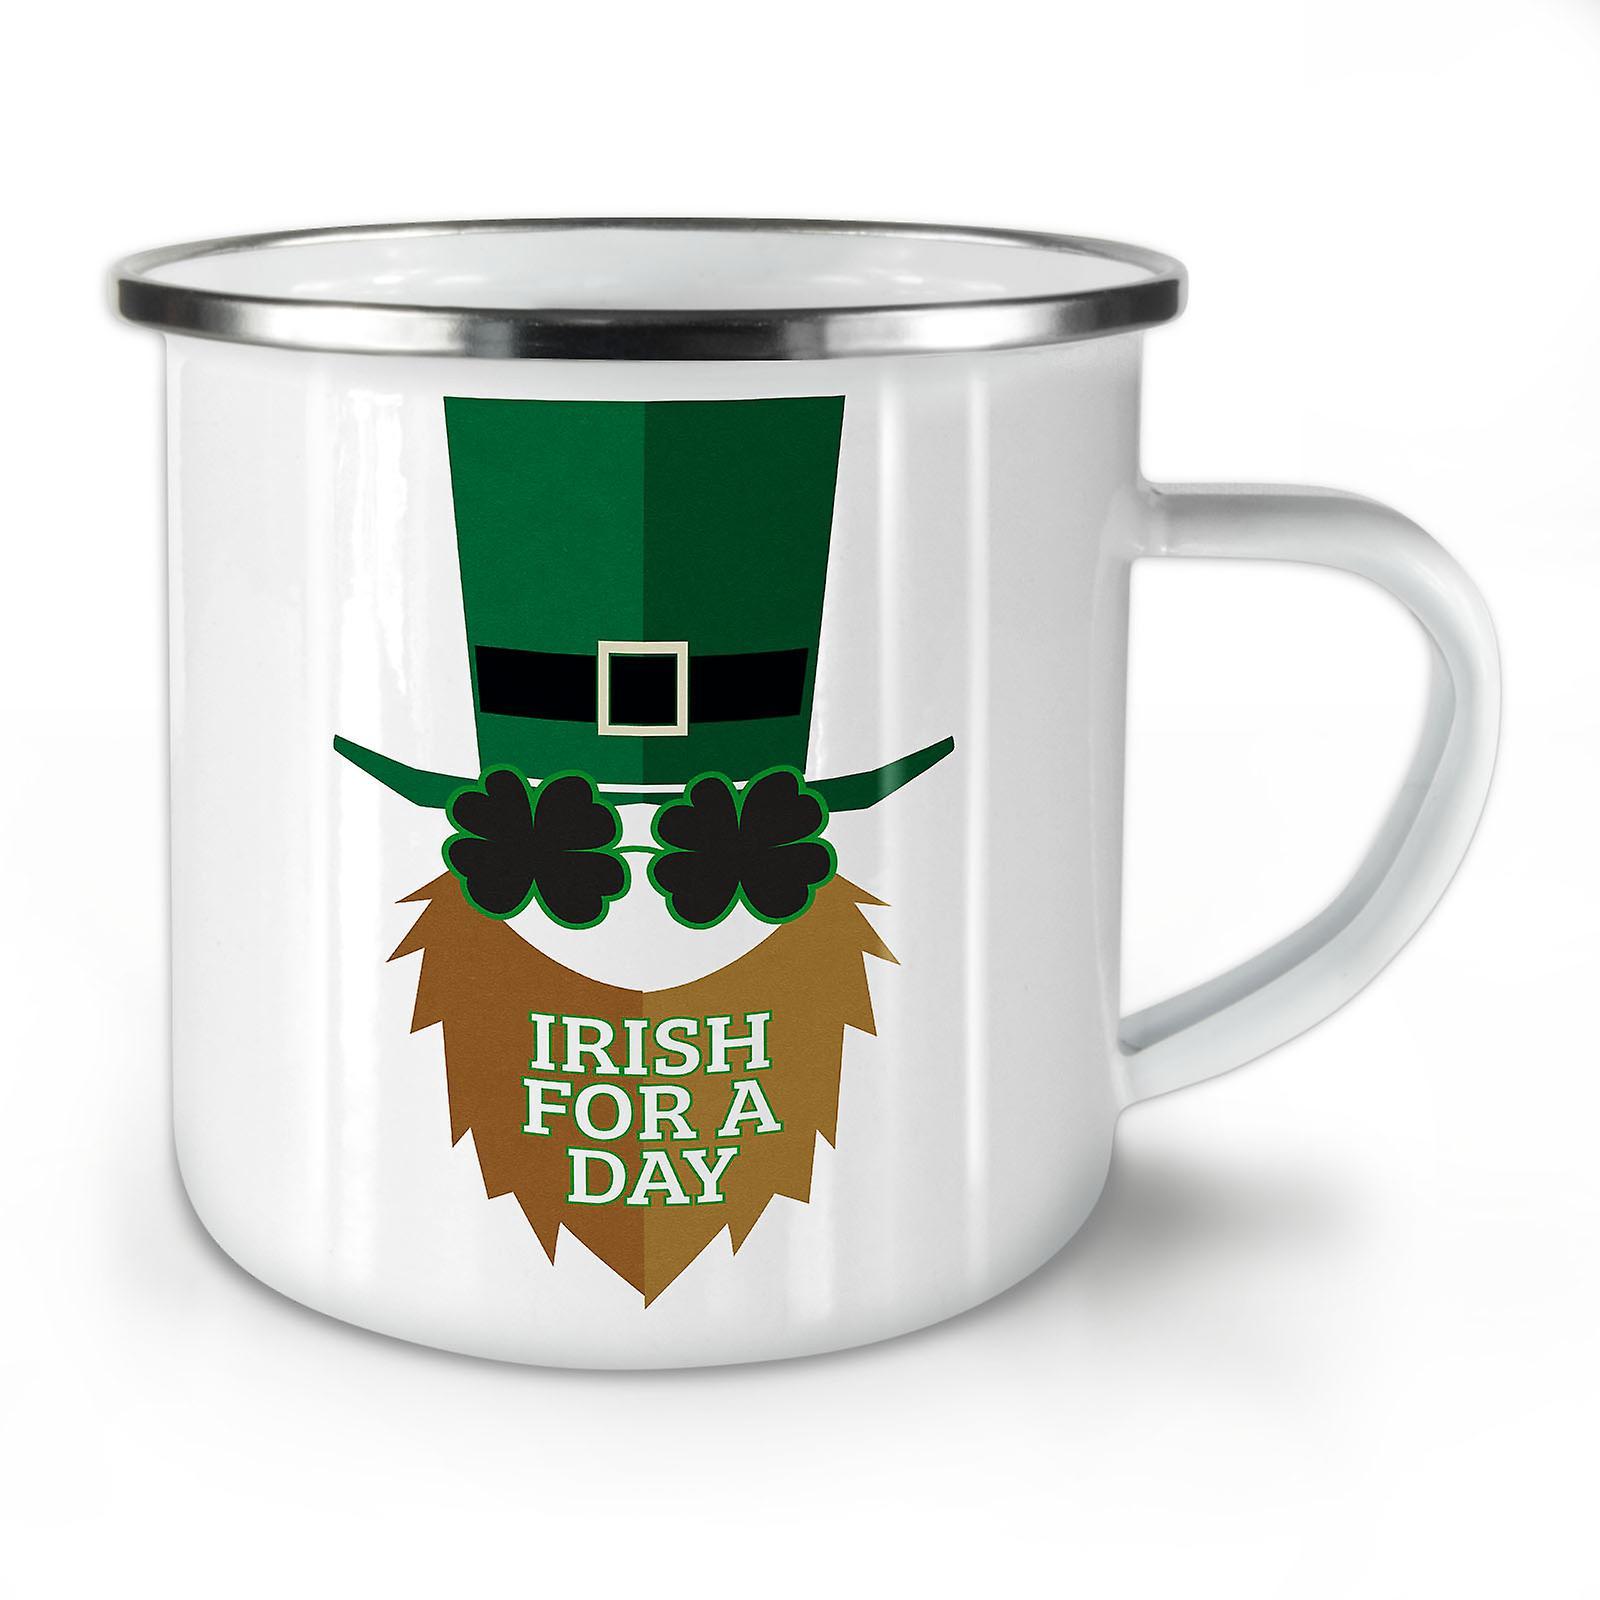 Mug10 Un Jour Nouveau Whitetea Irlandais OzWellcoda Émail Café Pour wN0vm8n